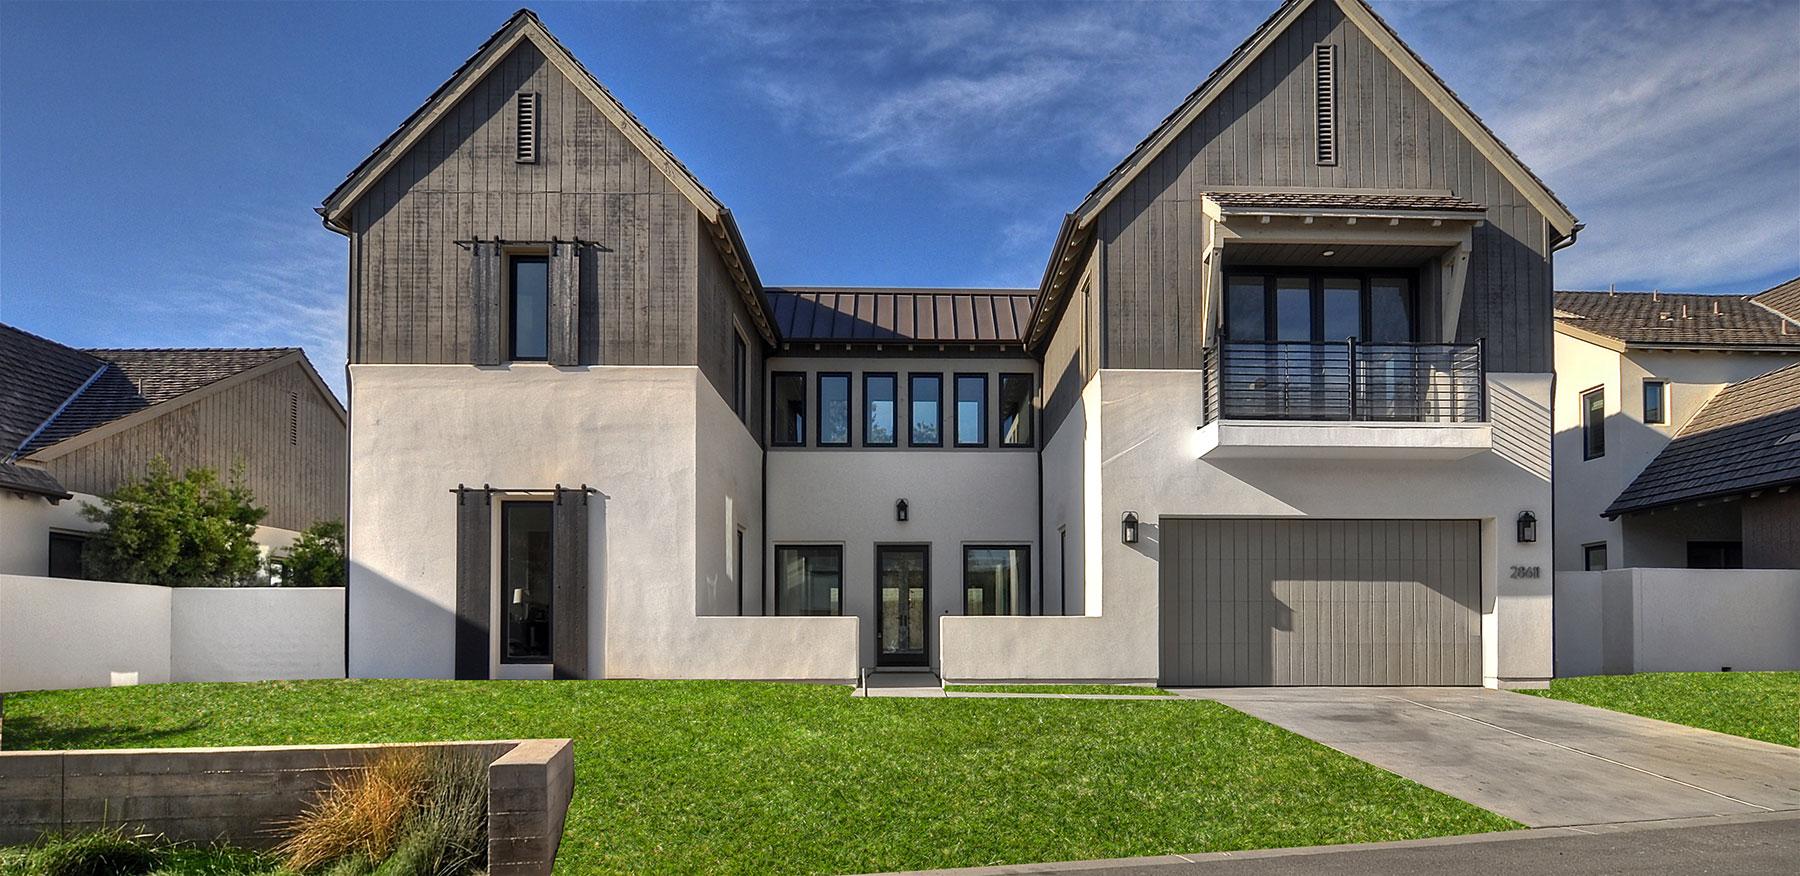 Частный односемейный дом для того Продажа на 28611 Martingale 28611 Martingale San Juan Capistrano, Калифорния 92675 Соединенные Штаты